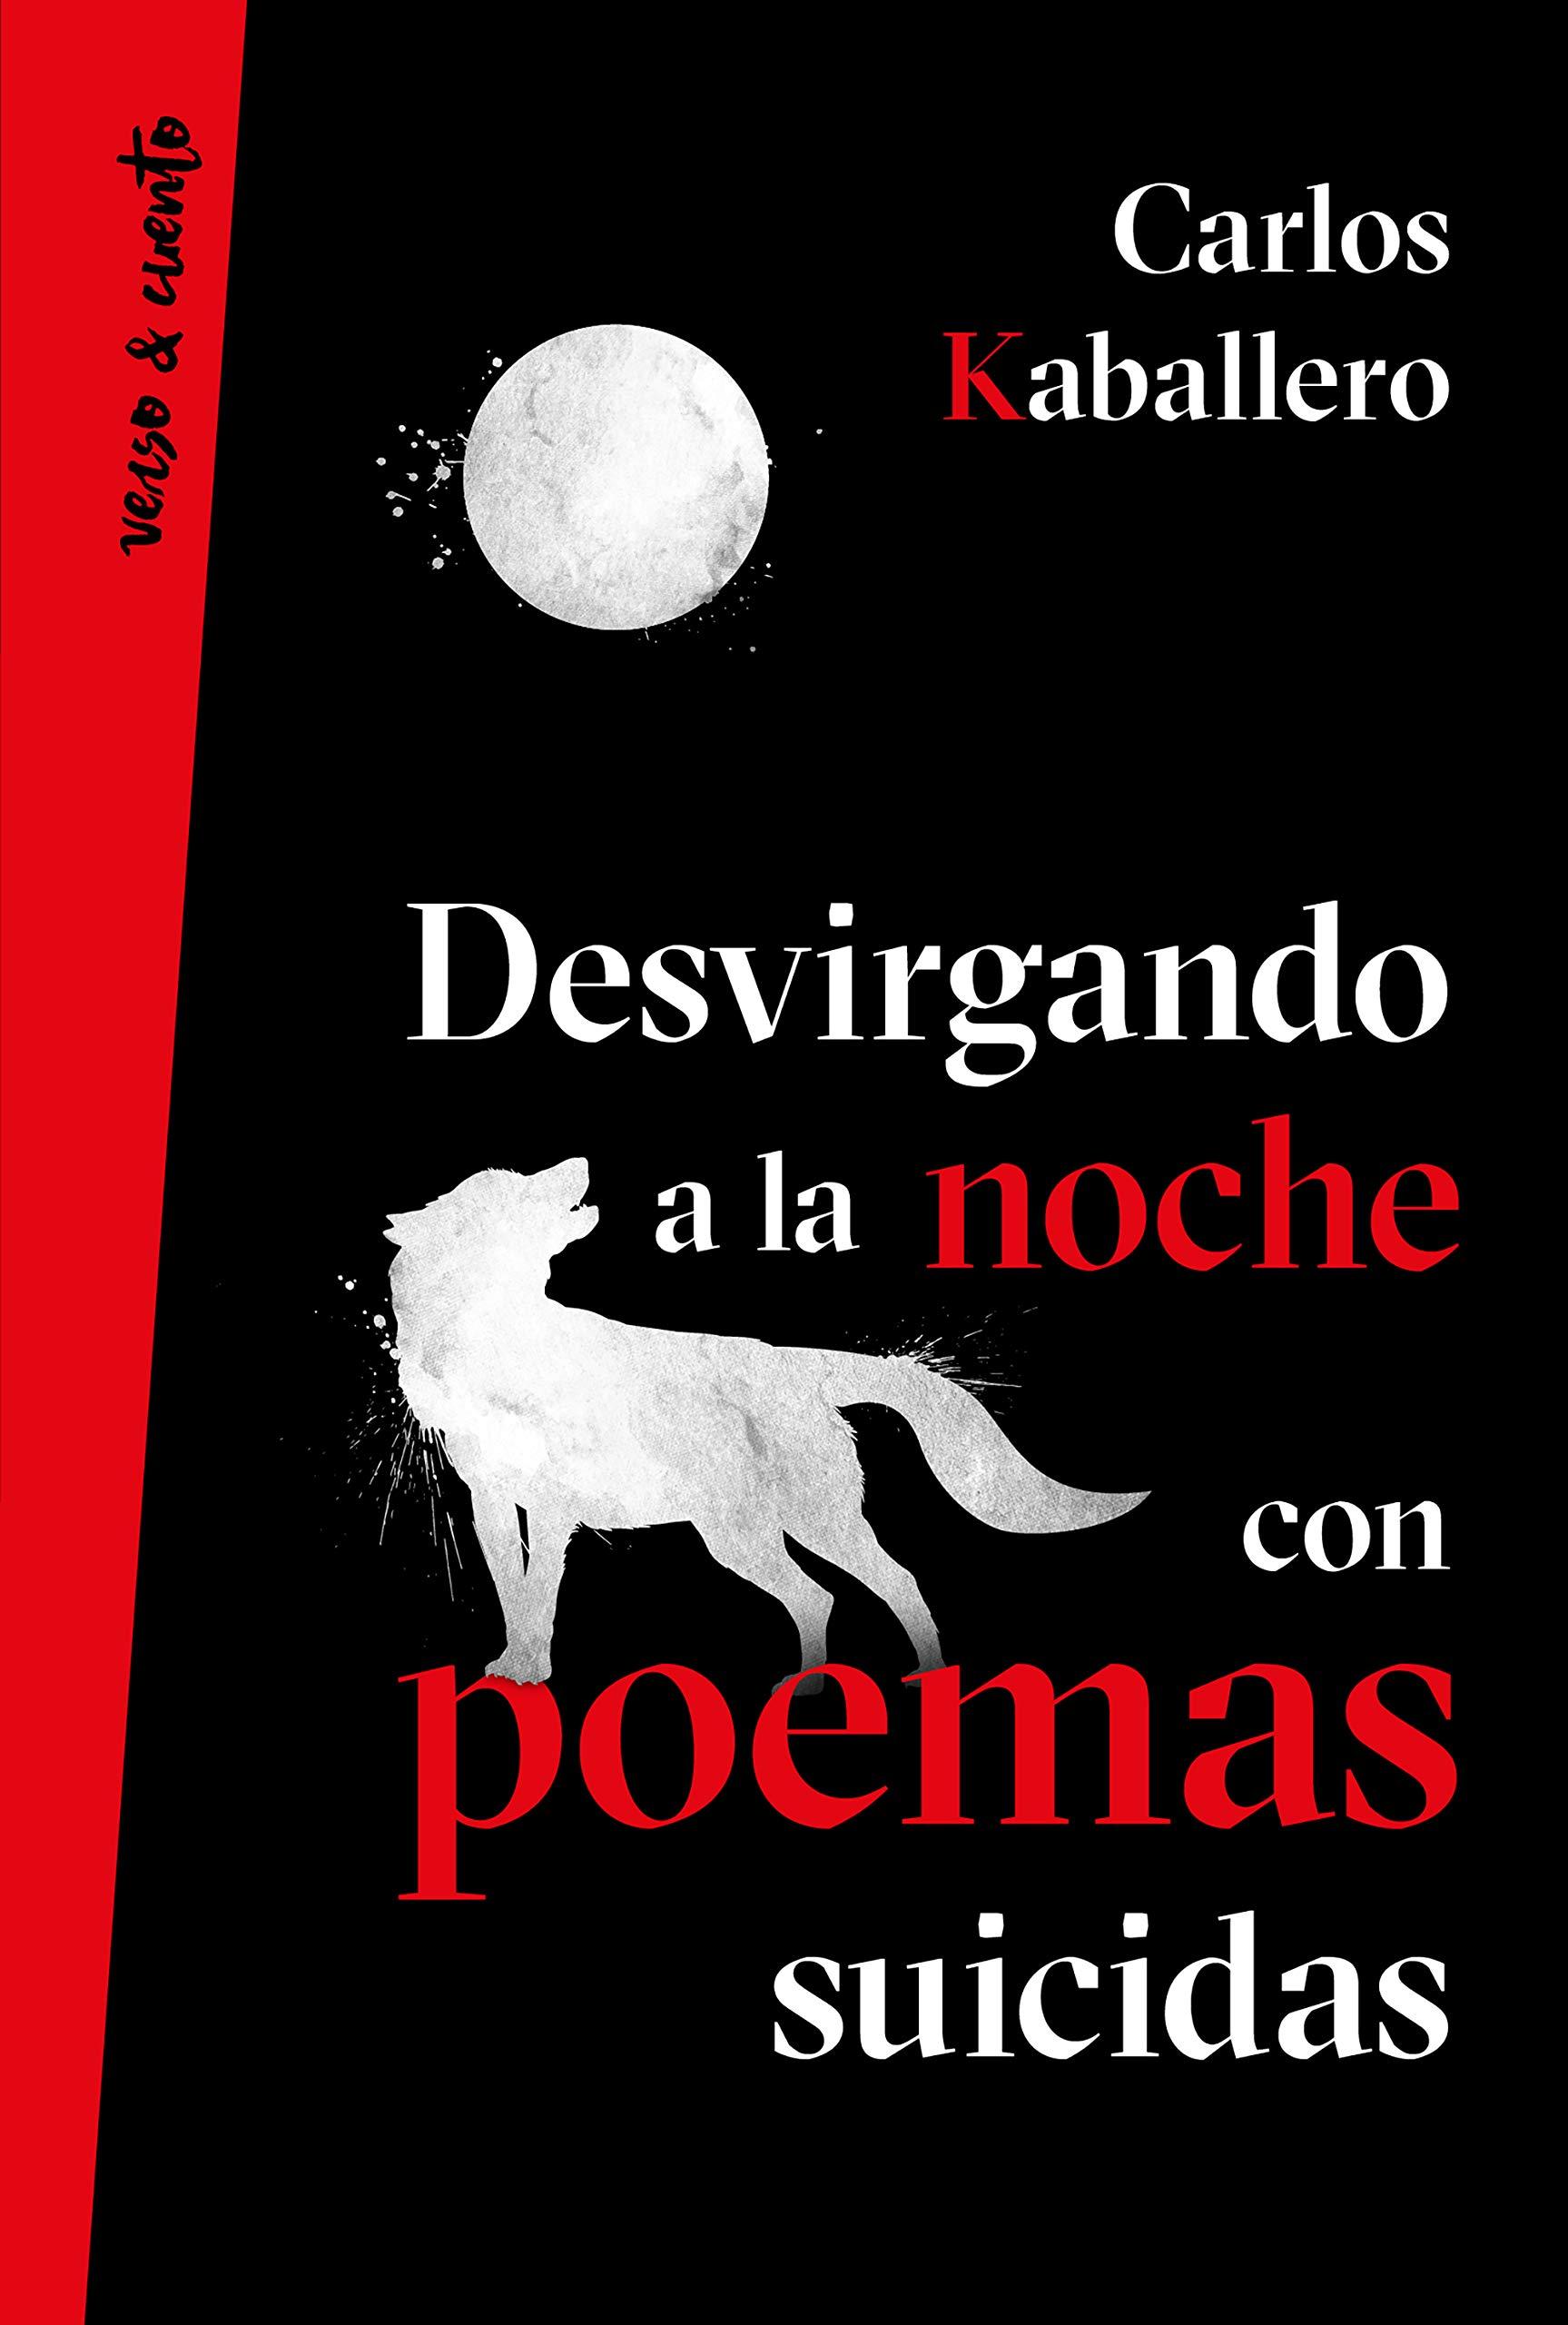 Desvirgando a la noche con poemas suicidas Verso&Cuento: Amazon.es: Kaballero, Carlos: Libros